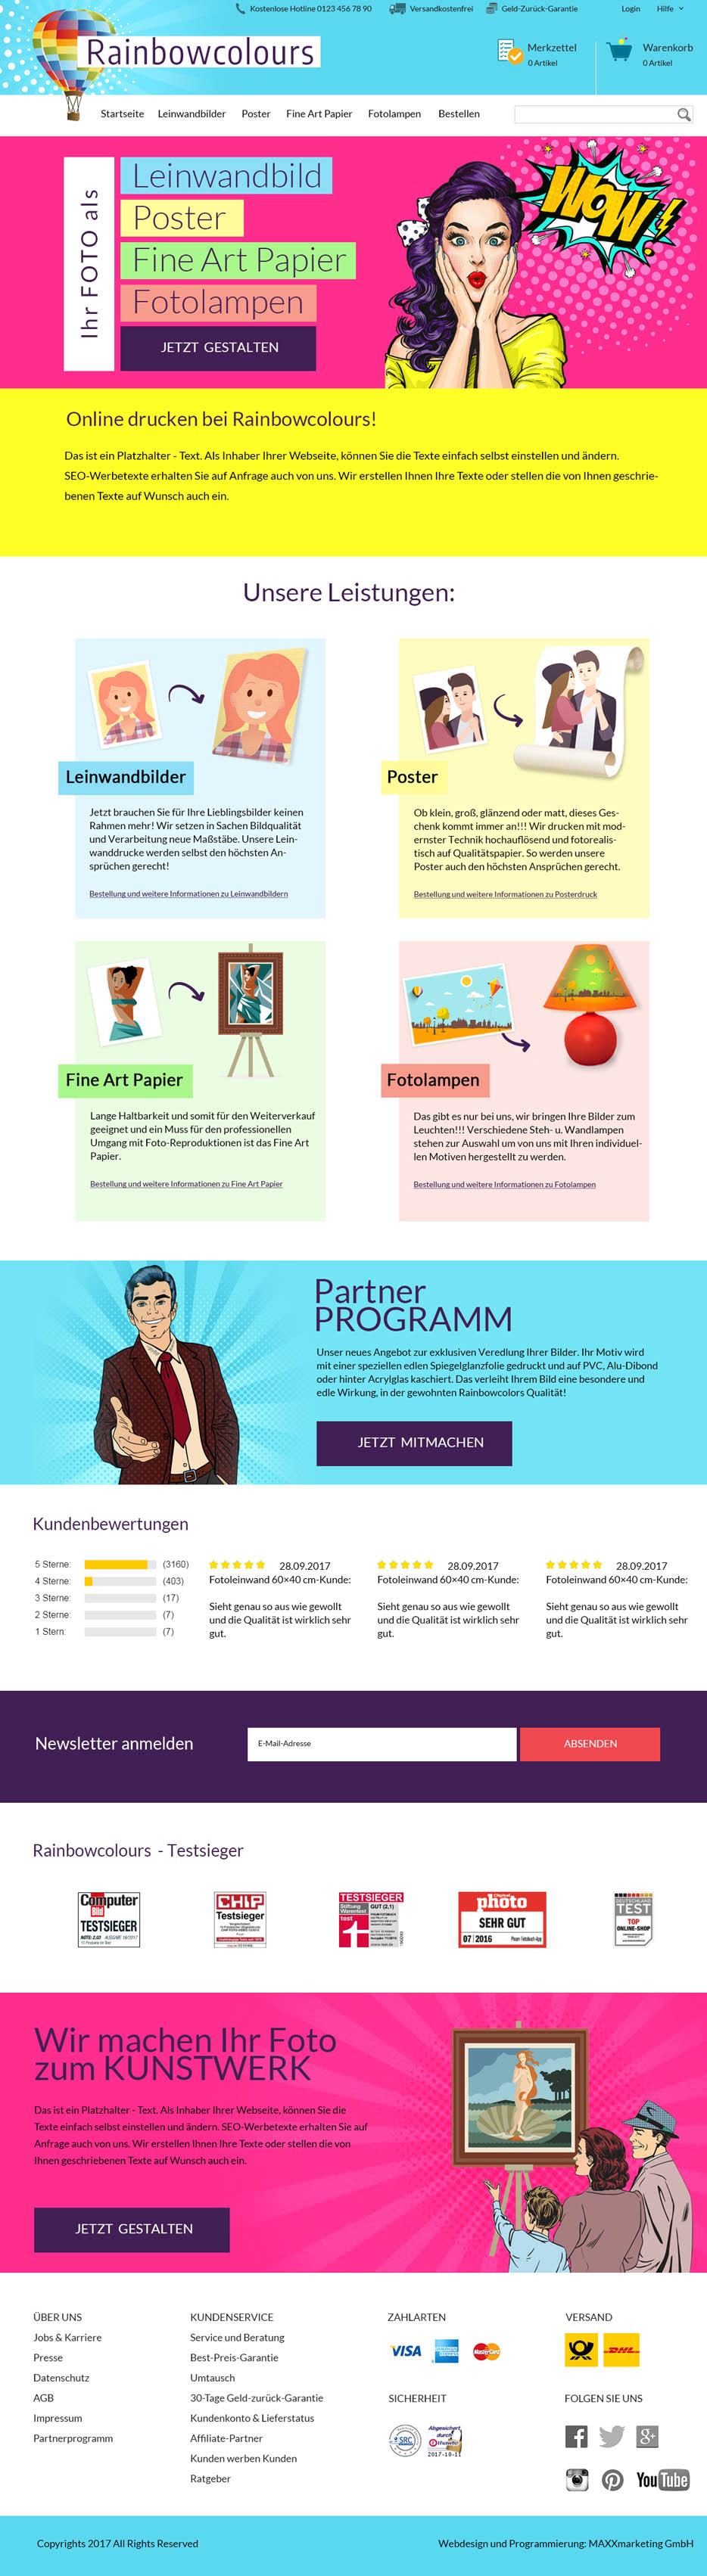 webdesign shop online drucken